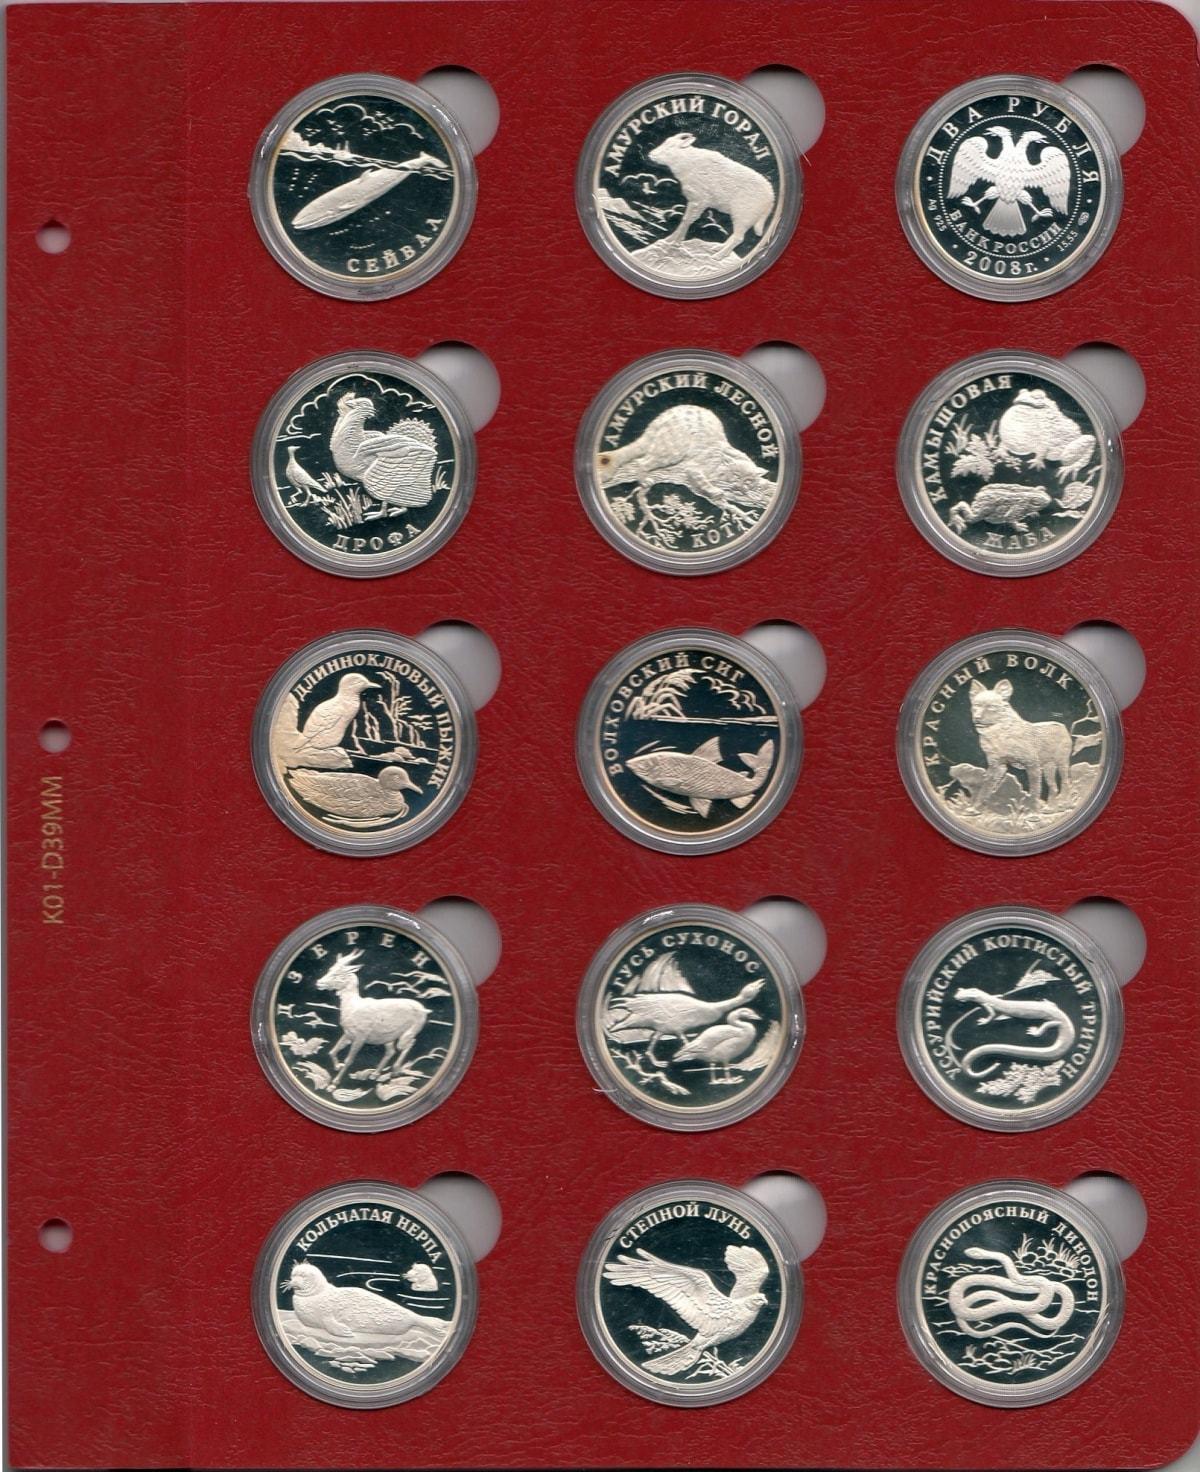 Лист для 15 монет в капсулах 39 мм (красный) без монет и капсул